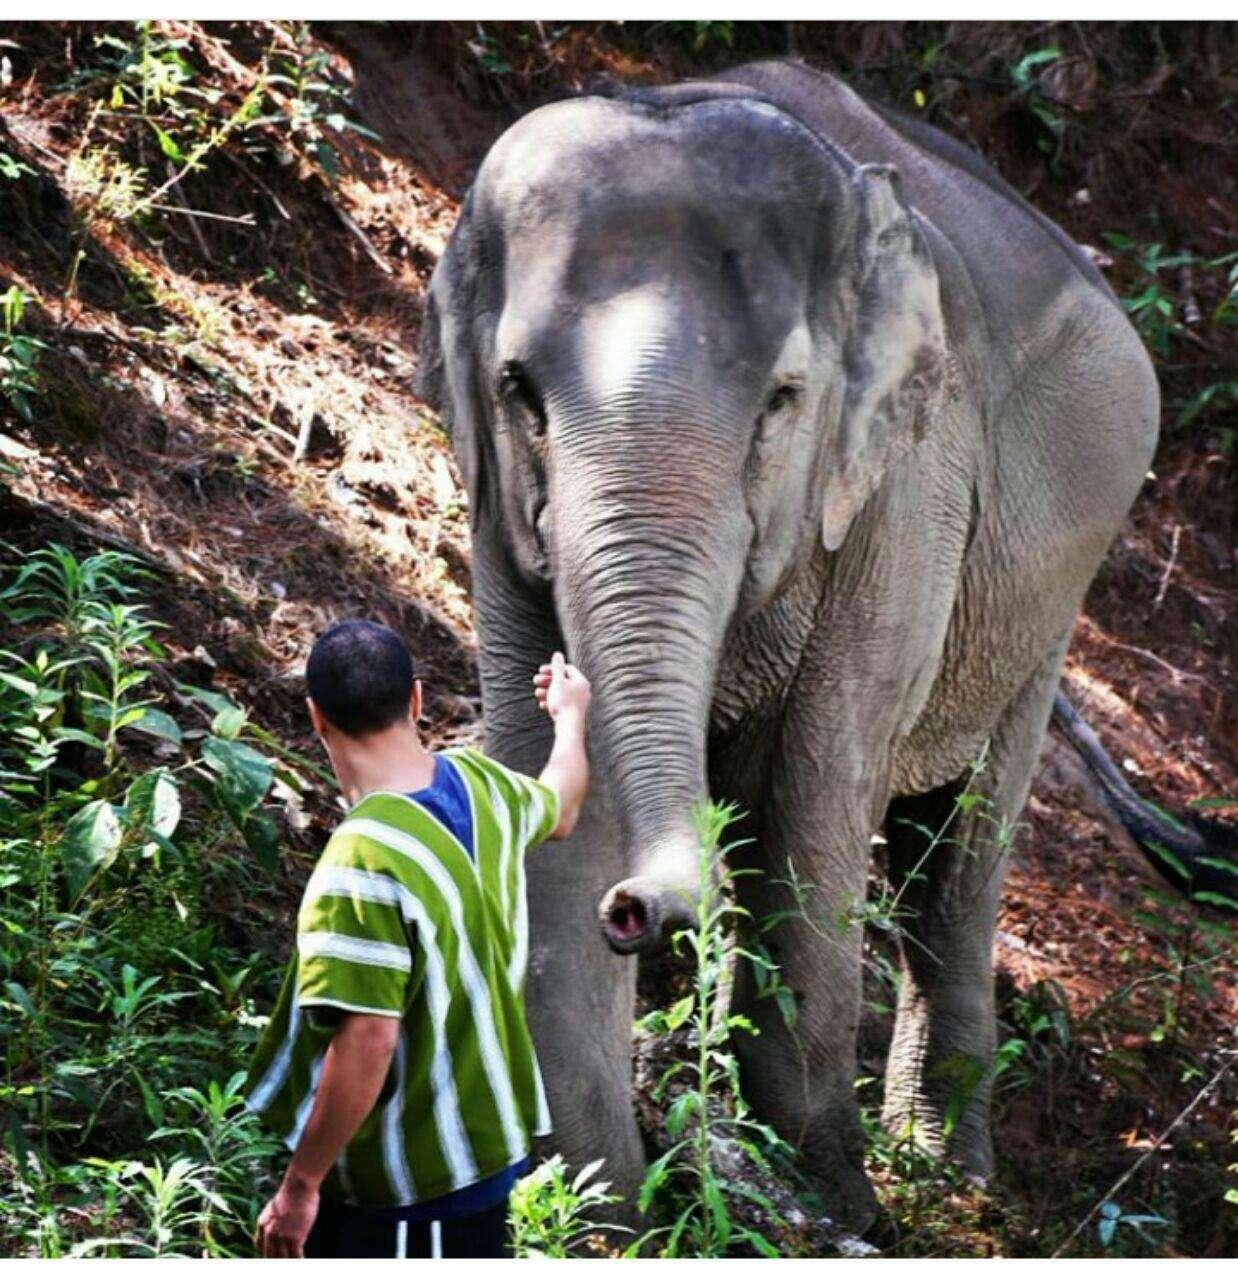 97 12 c33 567 - زندگی مشترک خانواده ای با فیل ها